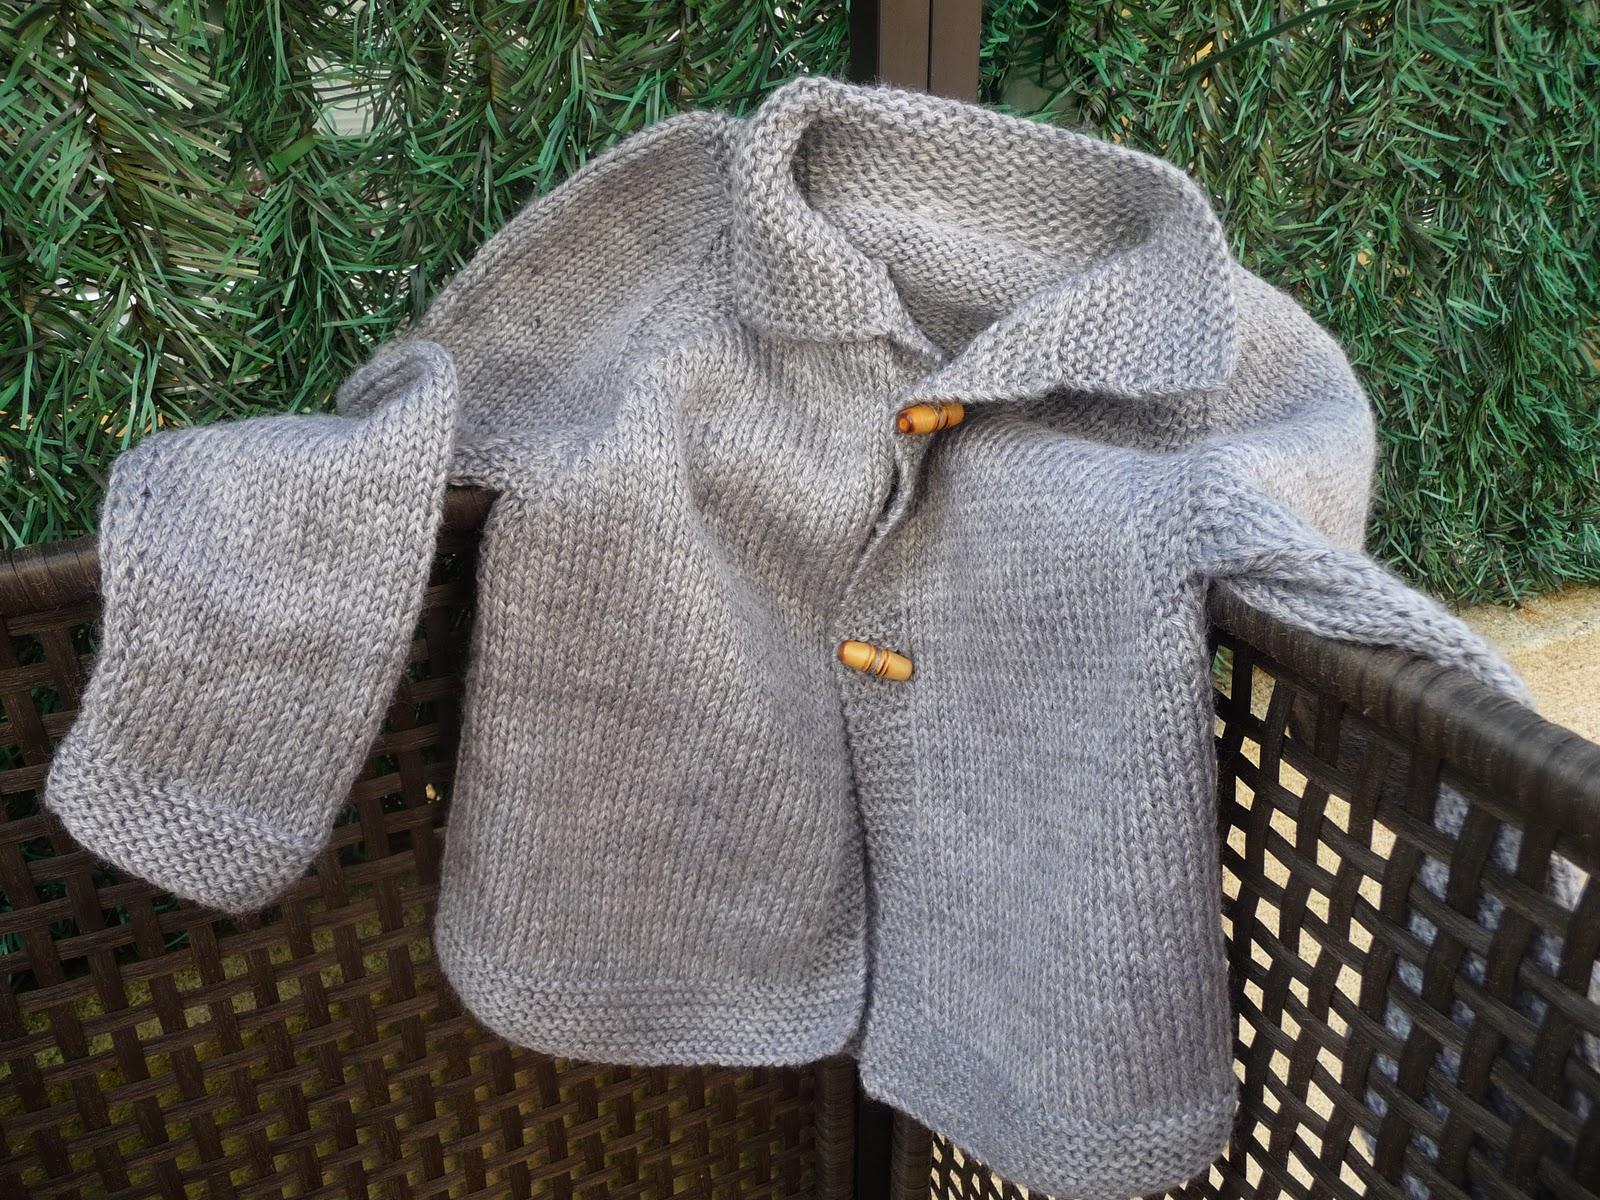 El bosque de lana calcetar para los ni os un gusto - Puntos para calcetar ...